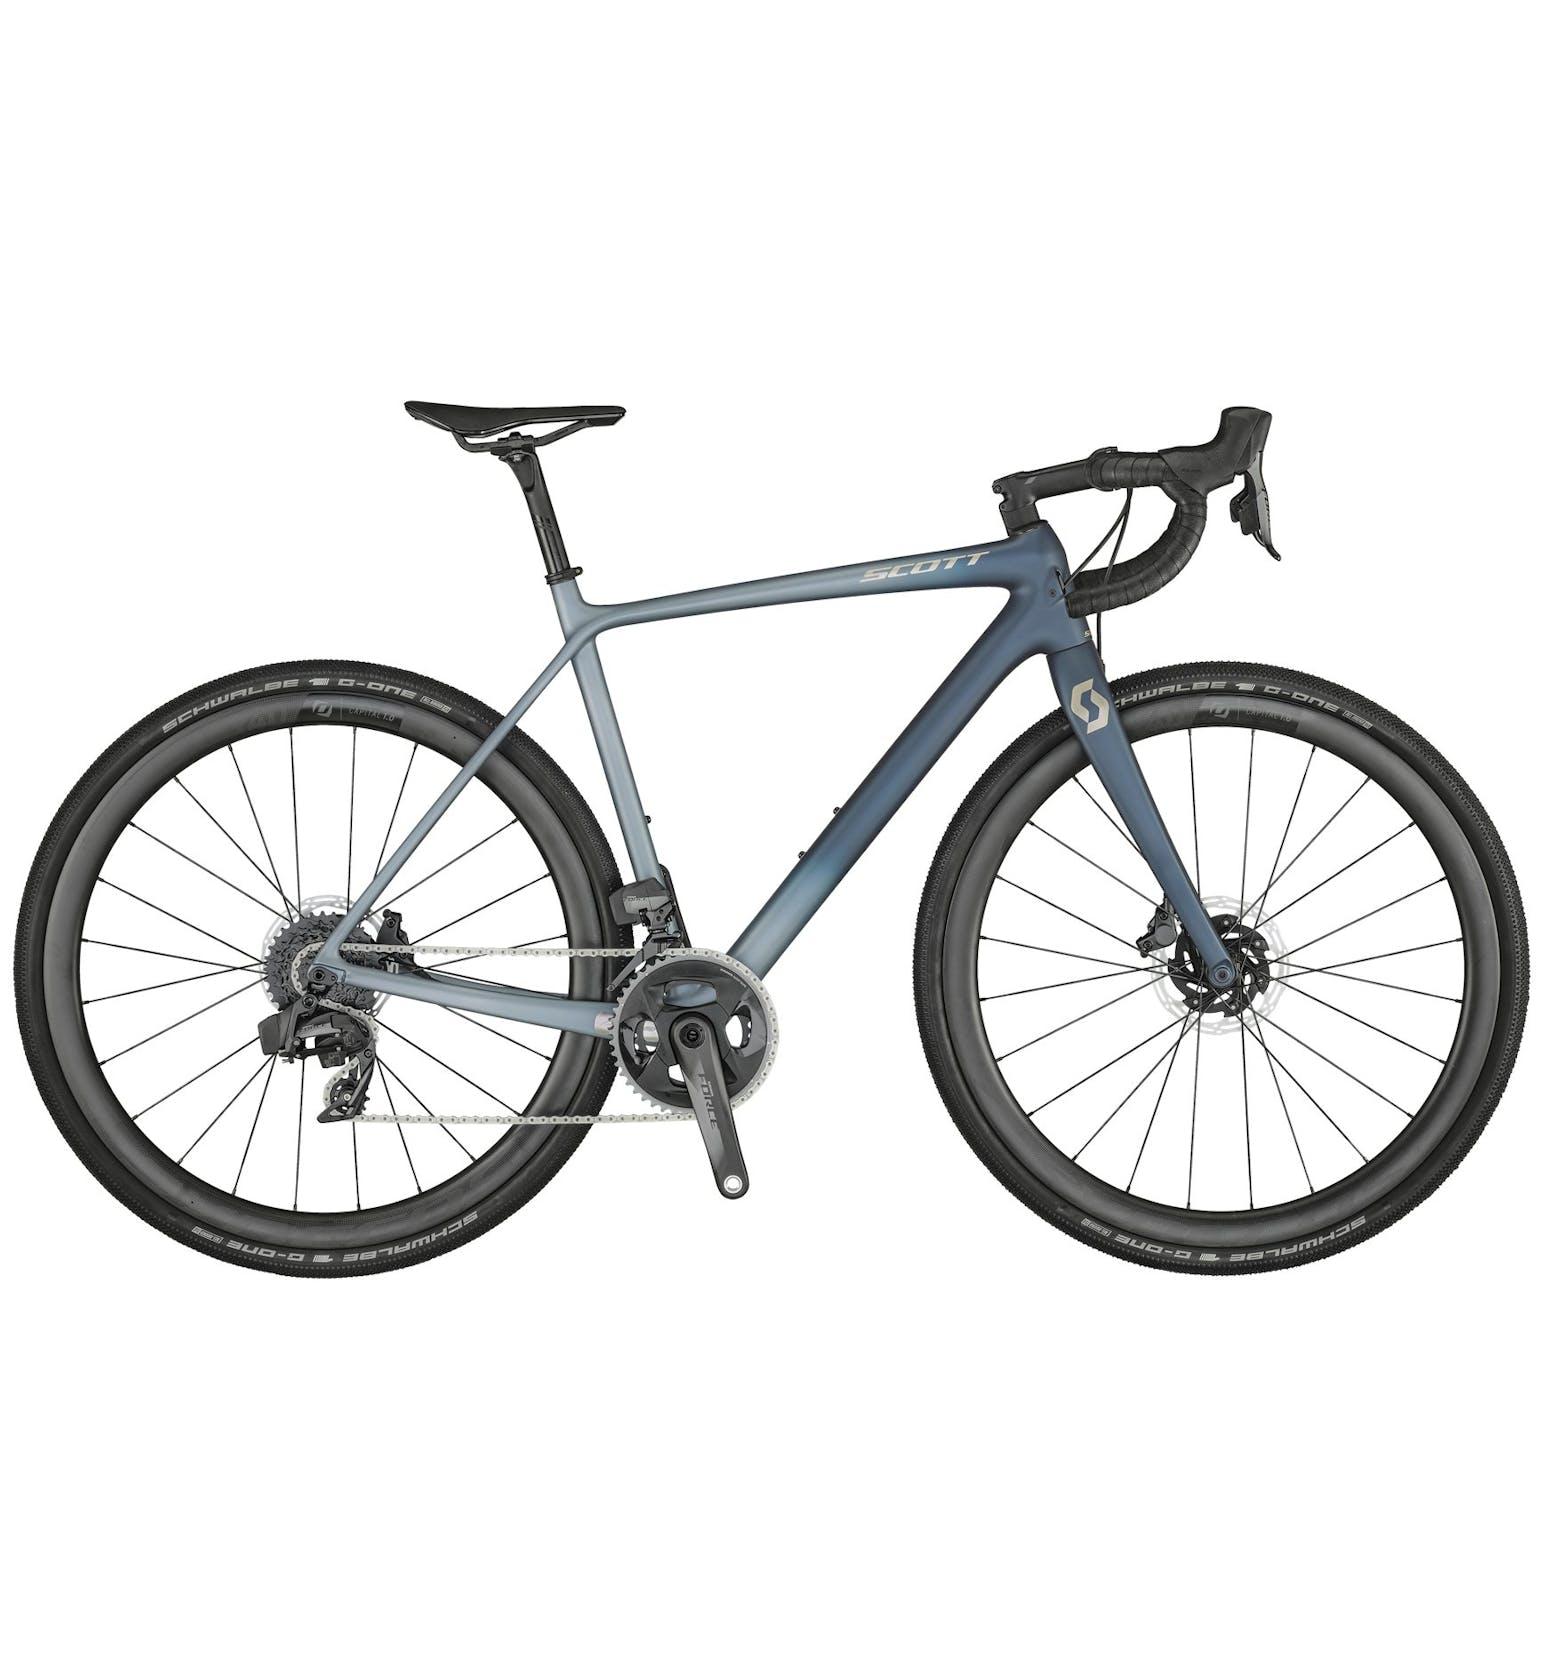 Scott Addict Gravel 10 (2021) - bici da gravel